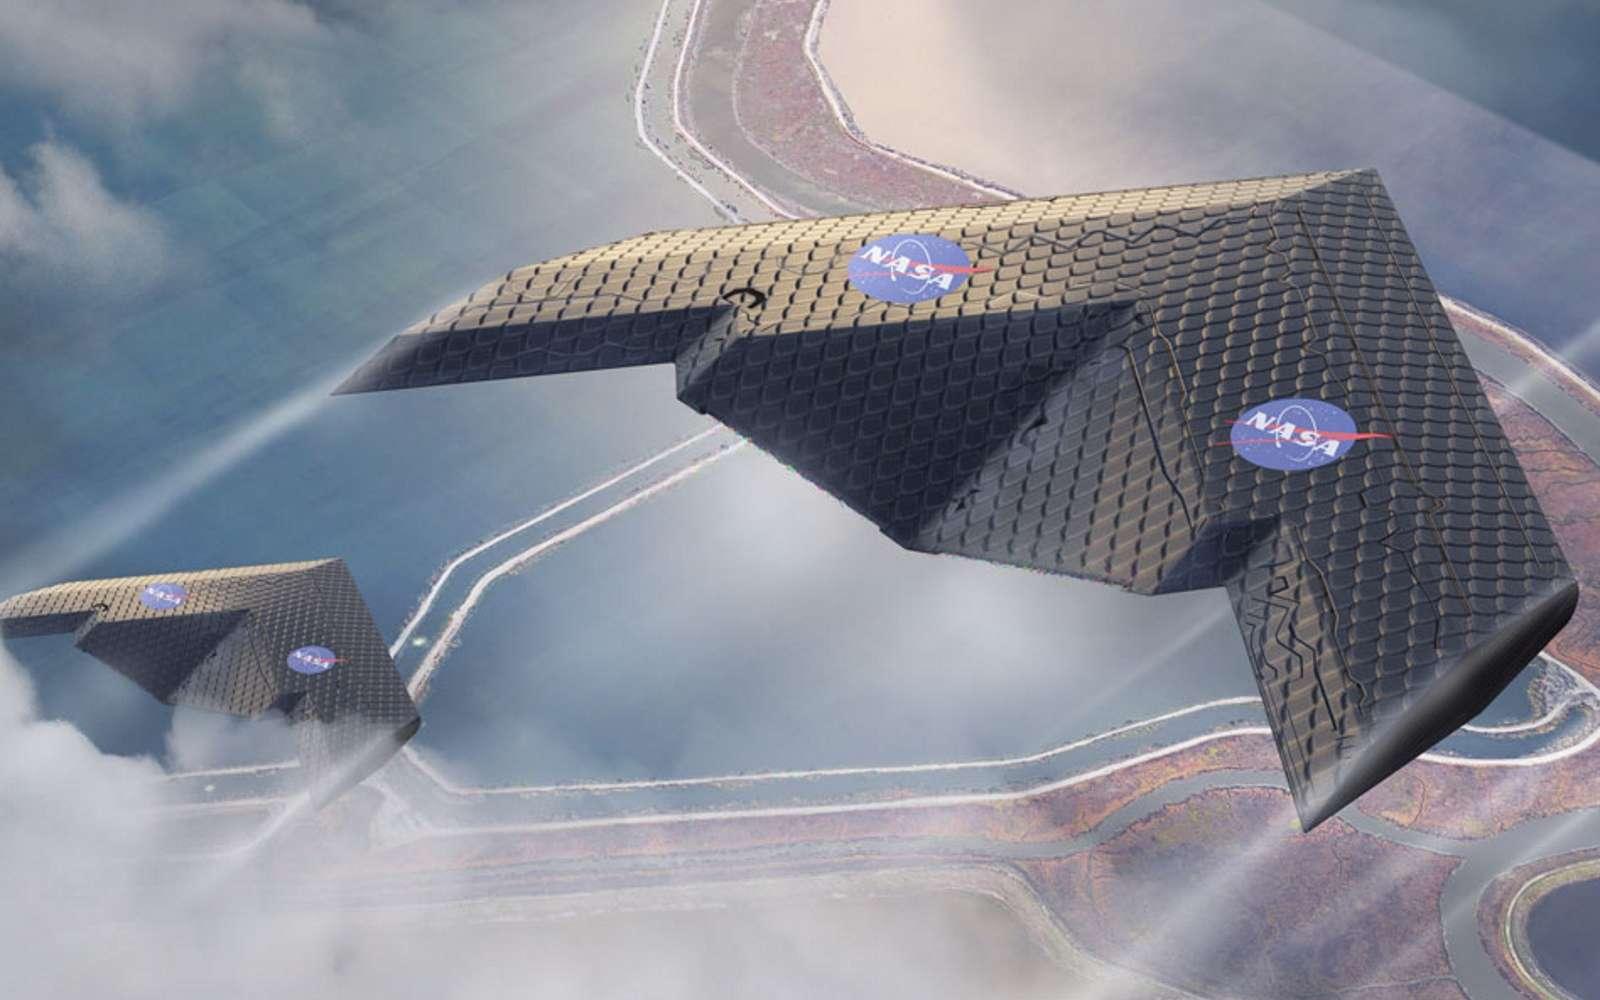 L'aile est totalement dénuée de gouvernes. Une aile volante dénuée d'ailerons qui se déforme automatiquement selon les phases du vol, c'est le projet mis au point par des chercheurs du MIT en partenariat avec la Nasa. © MIT